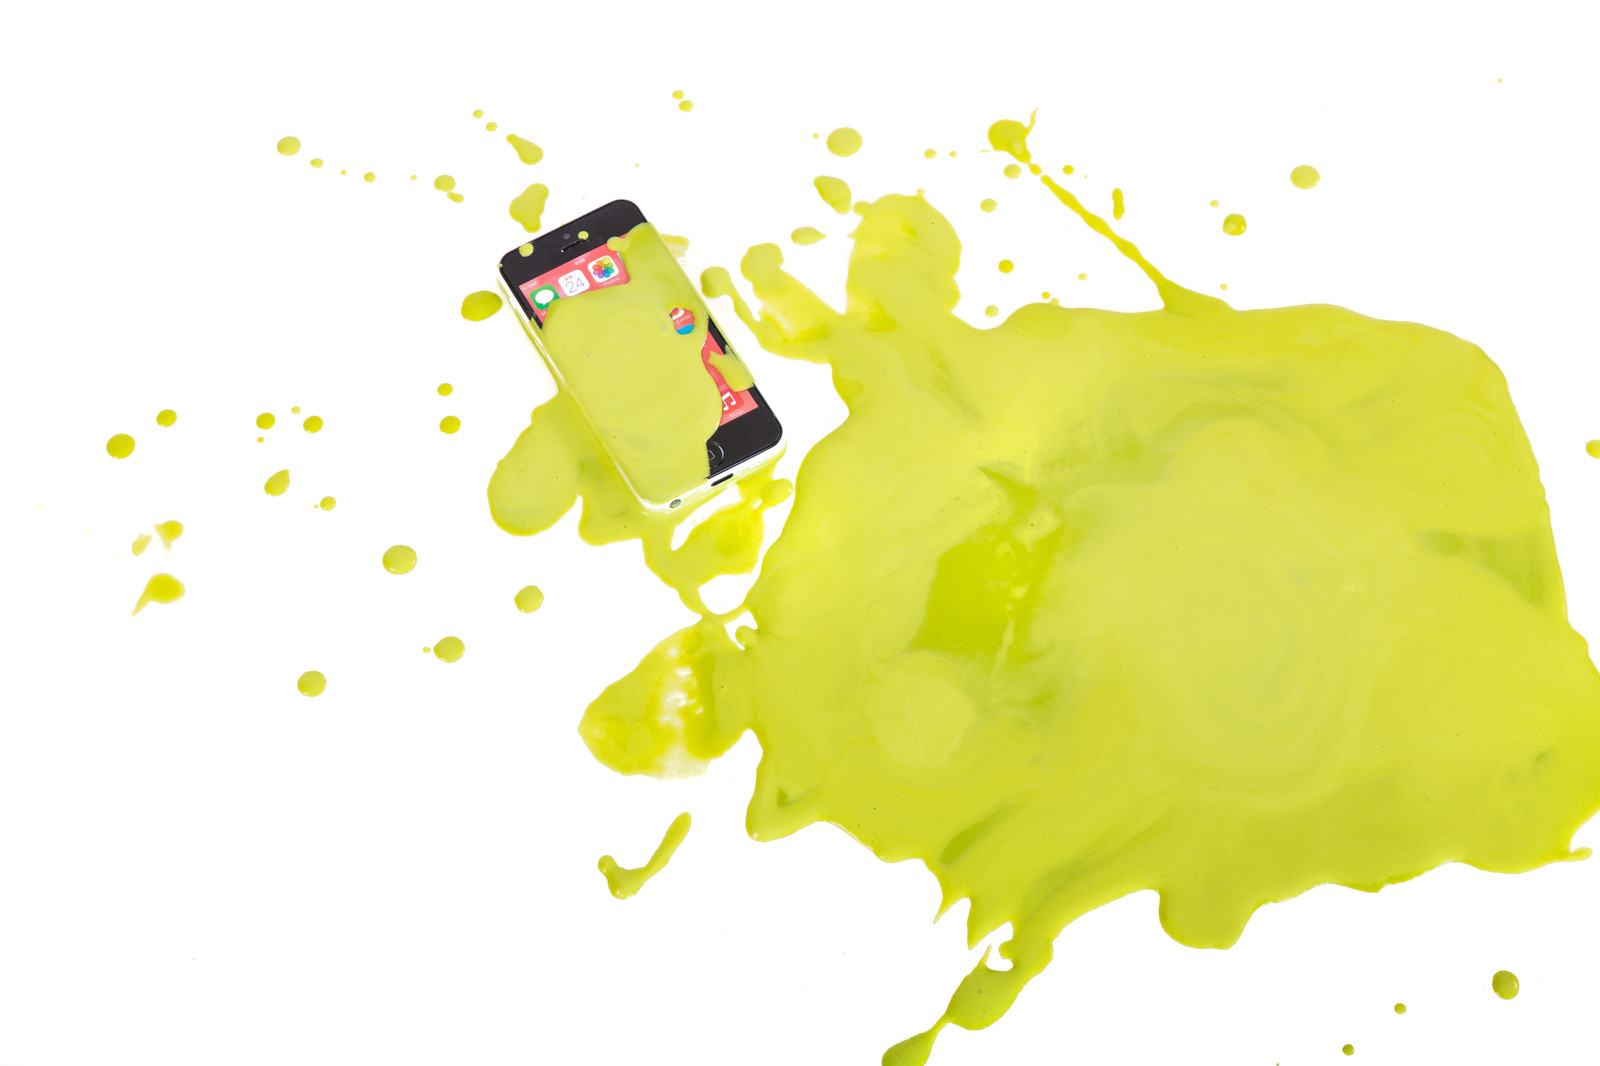 「スマホに緑の液体かけられた!スマホに緑の液体かけられた!」のフリー写真素材を拡大